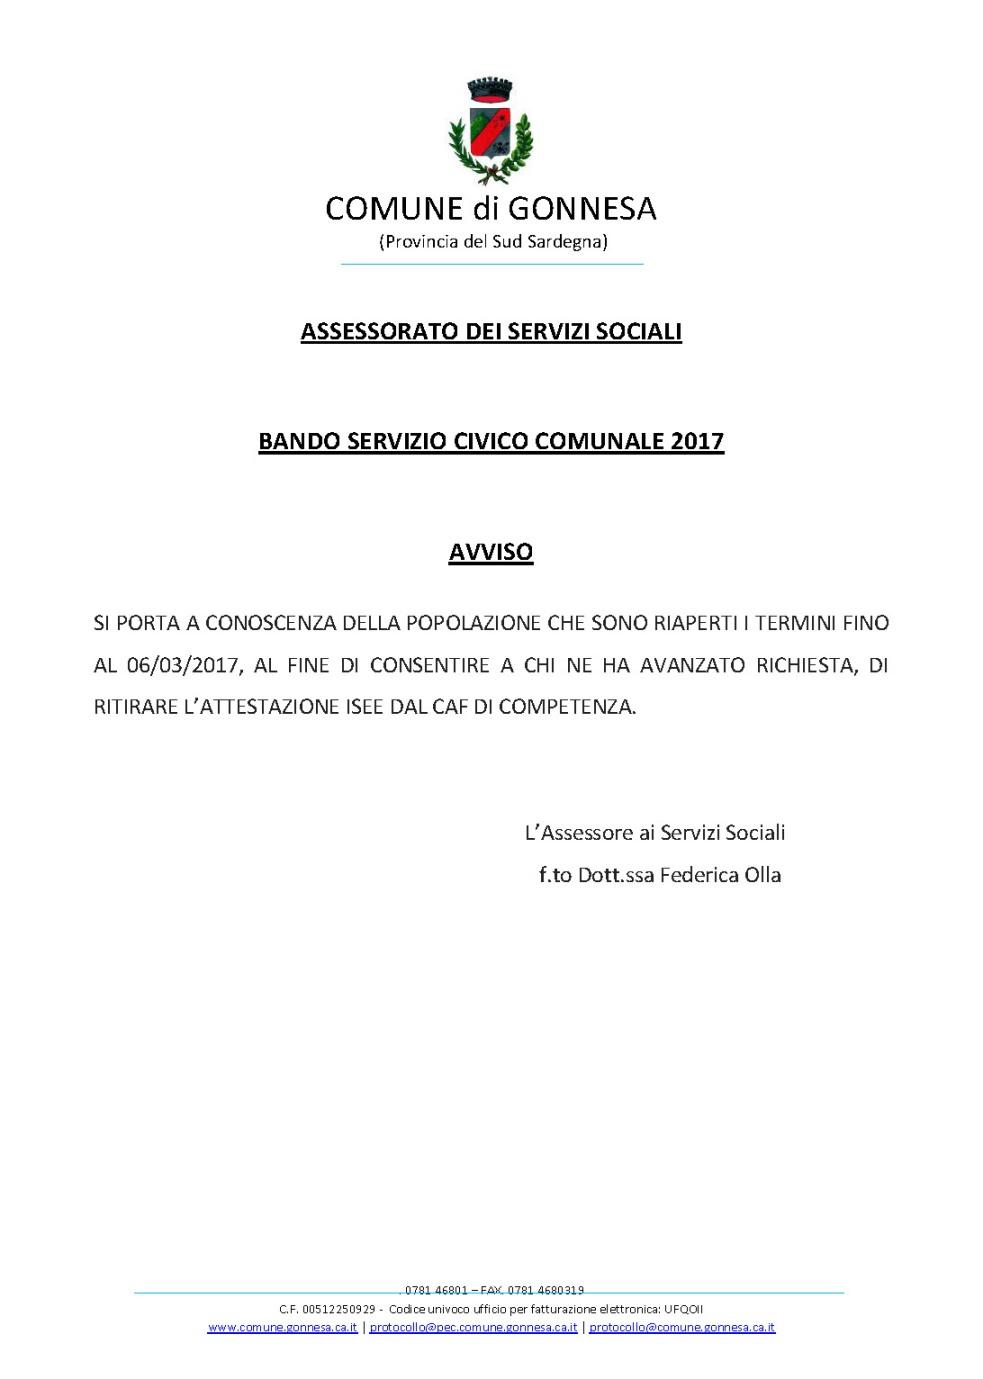 BANDO SERVIZIO CIVICO COMUNALE 2017